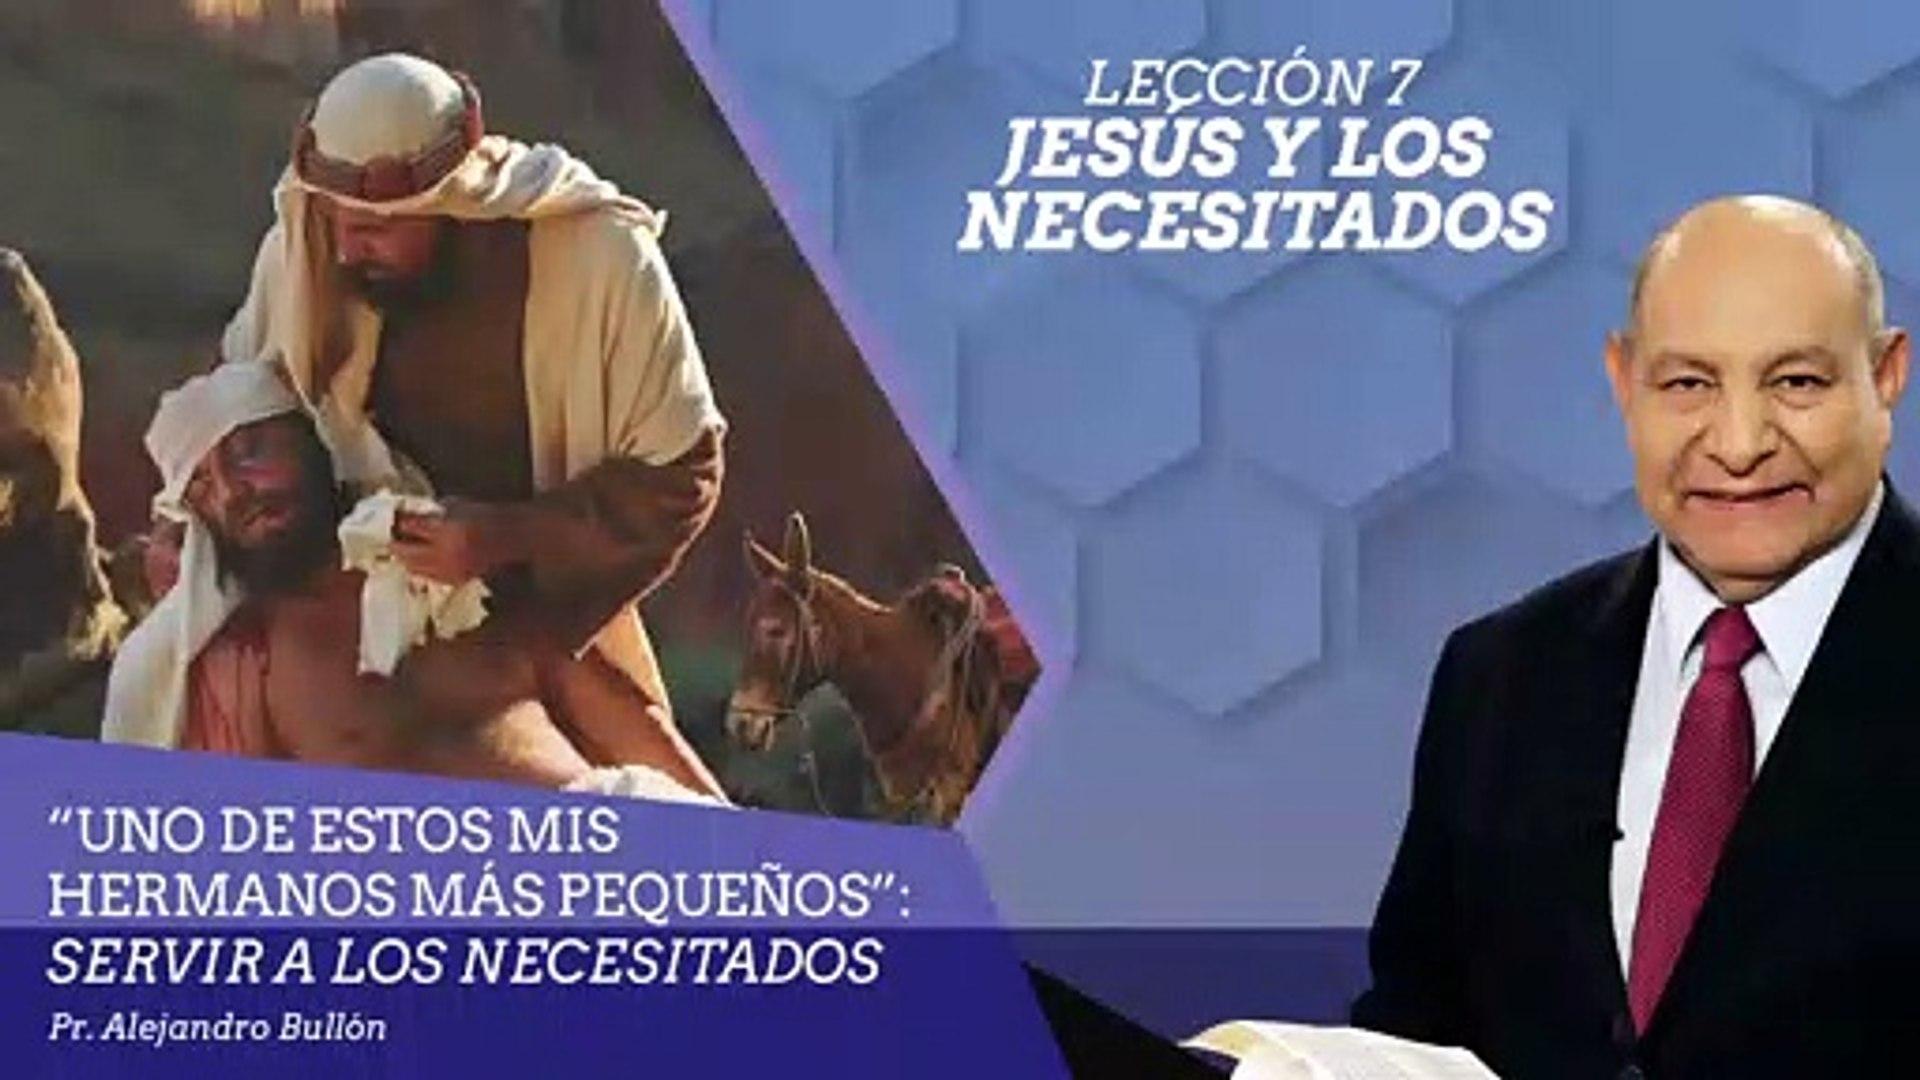 Leccion 7 | Jesus y los necesitados - Ptr. Alejandro Bullon